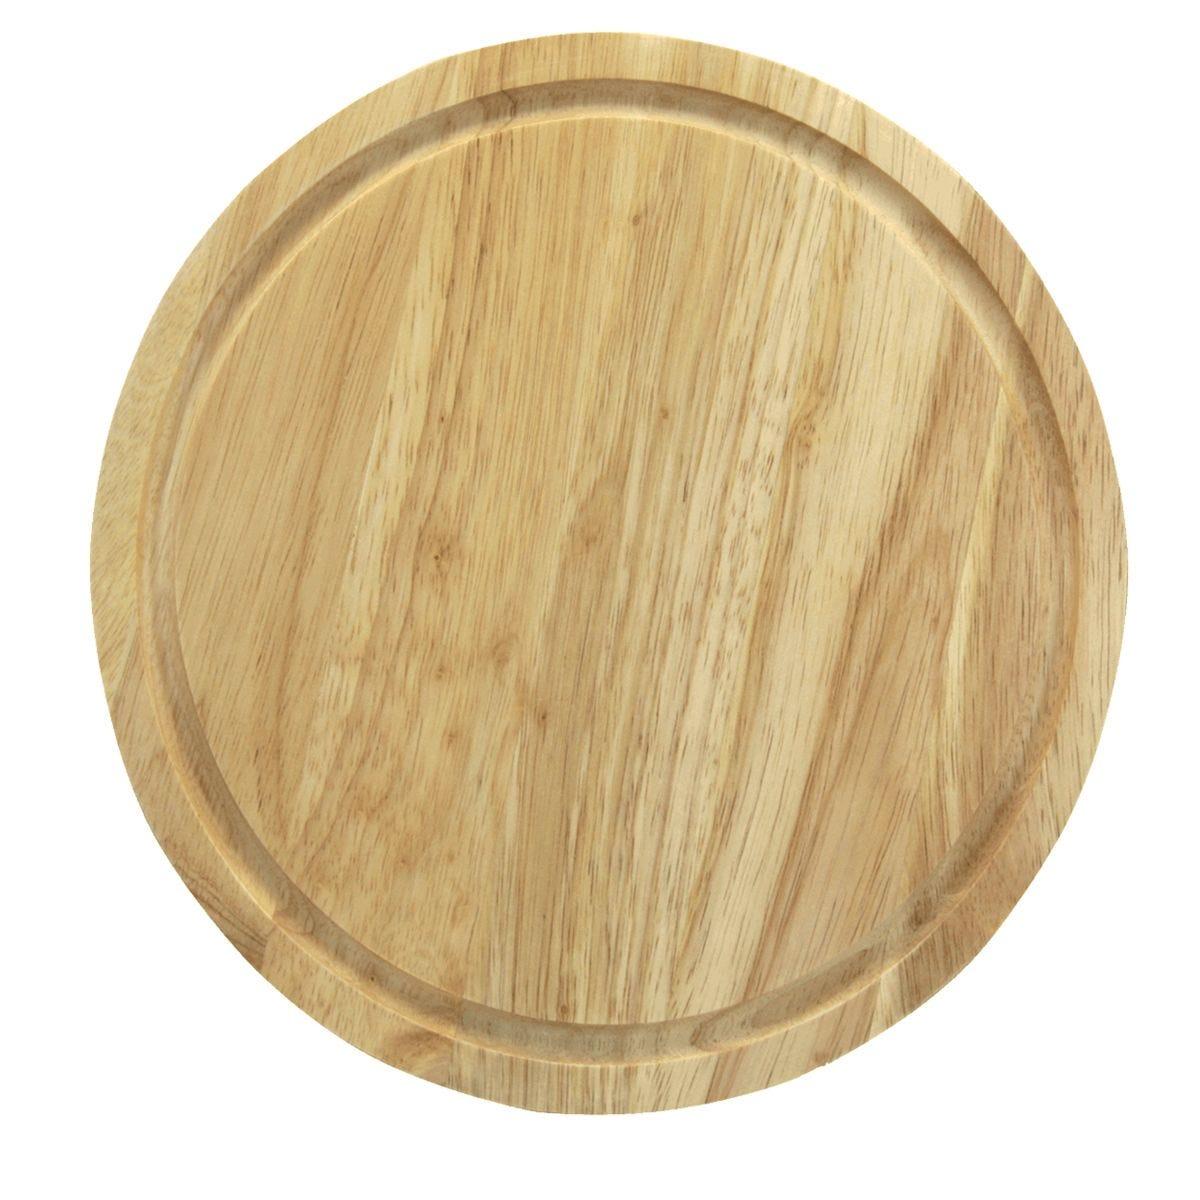 Apollo Small Round Chopping Board